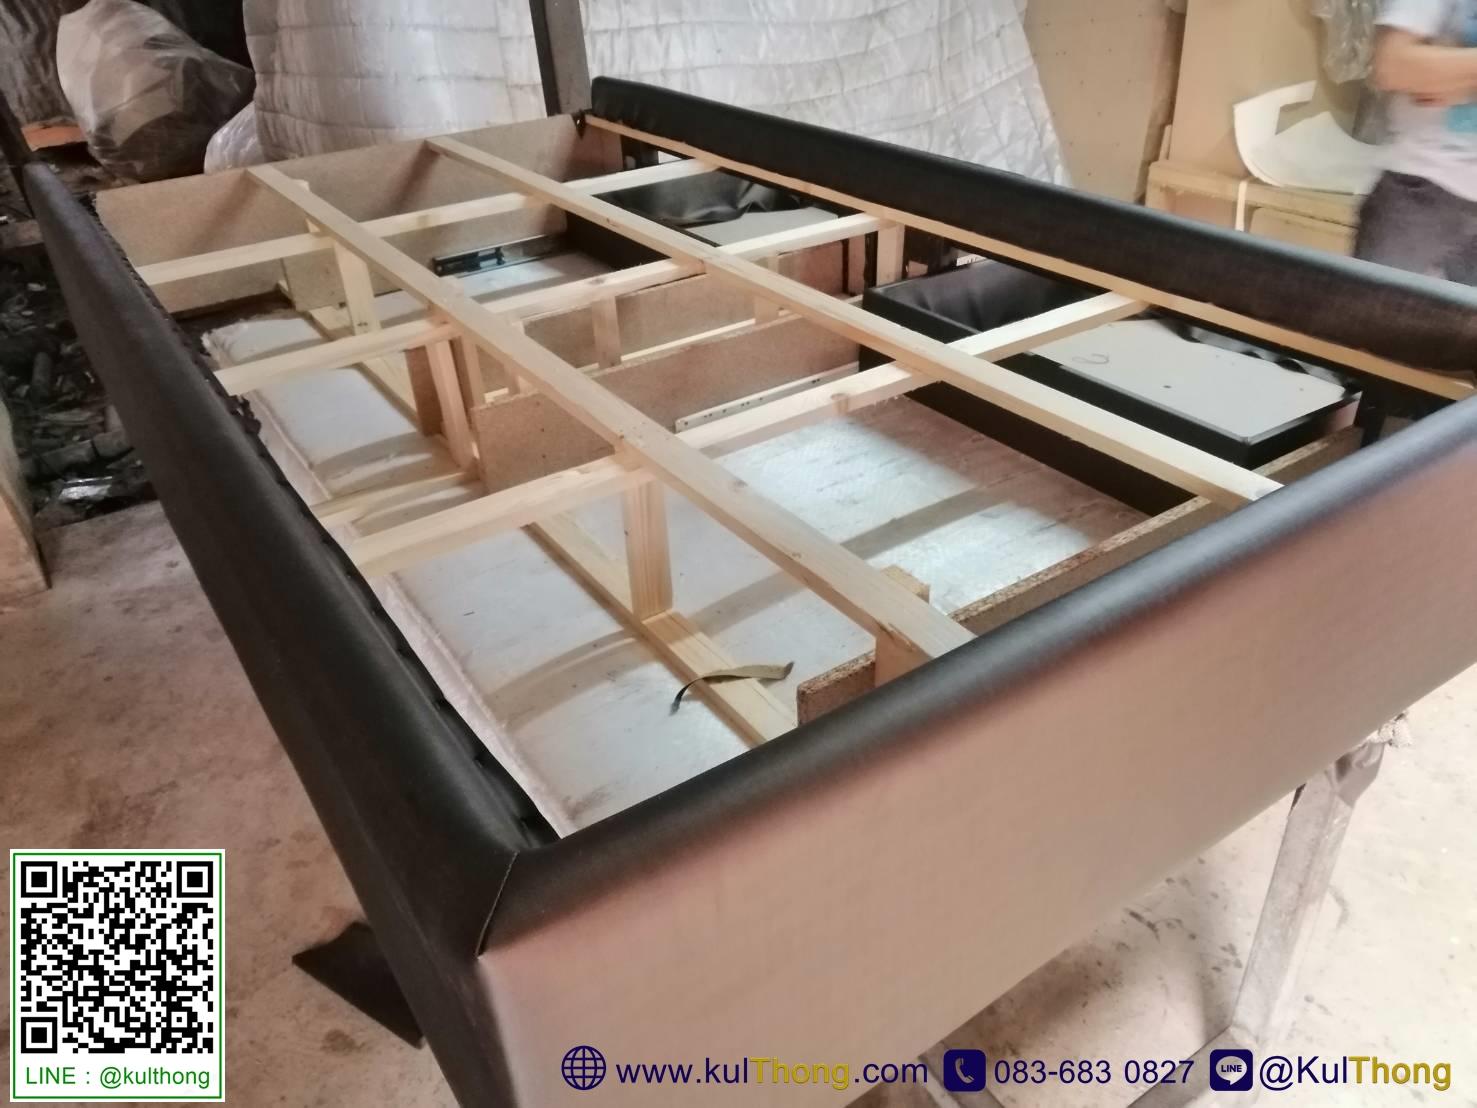 โครงสร้างเตียง ฐานรองที่นอน เตียงมีลิ้นชัก